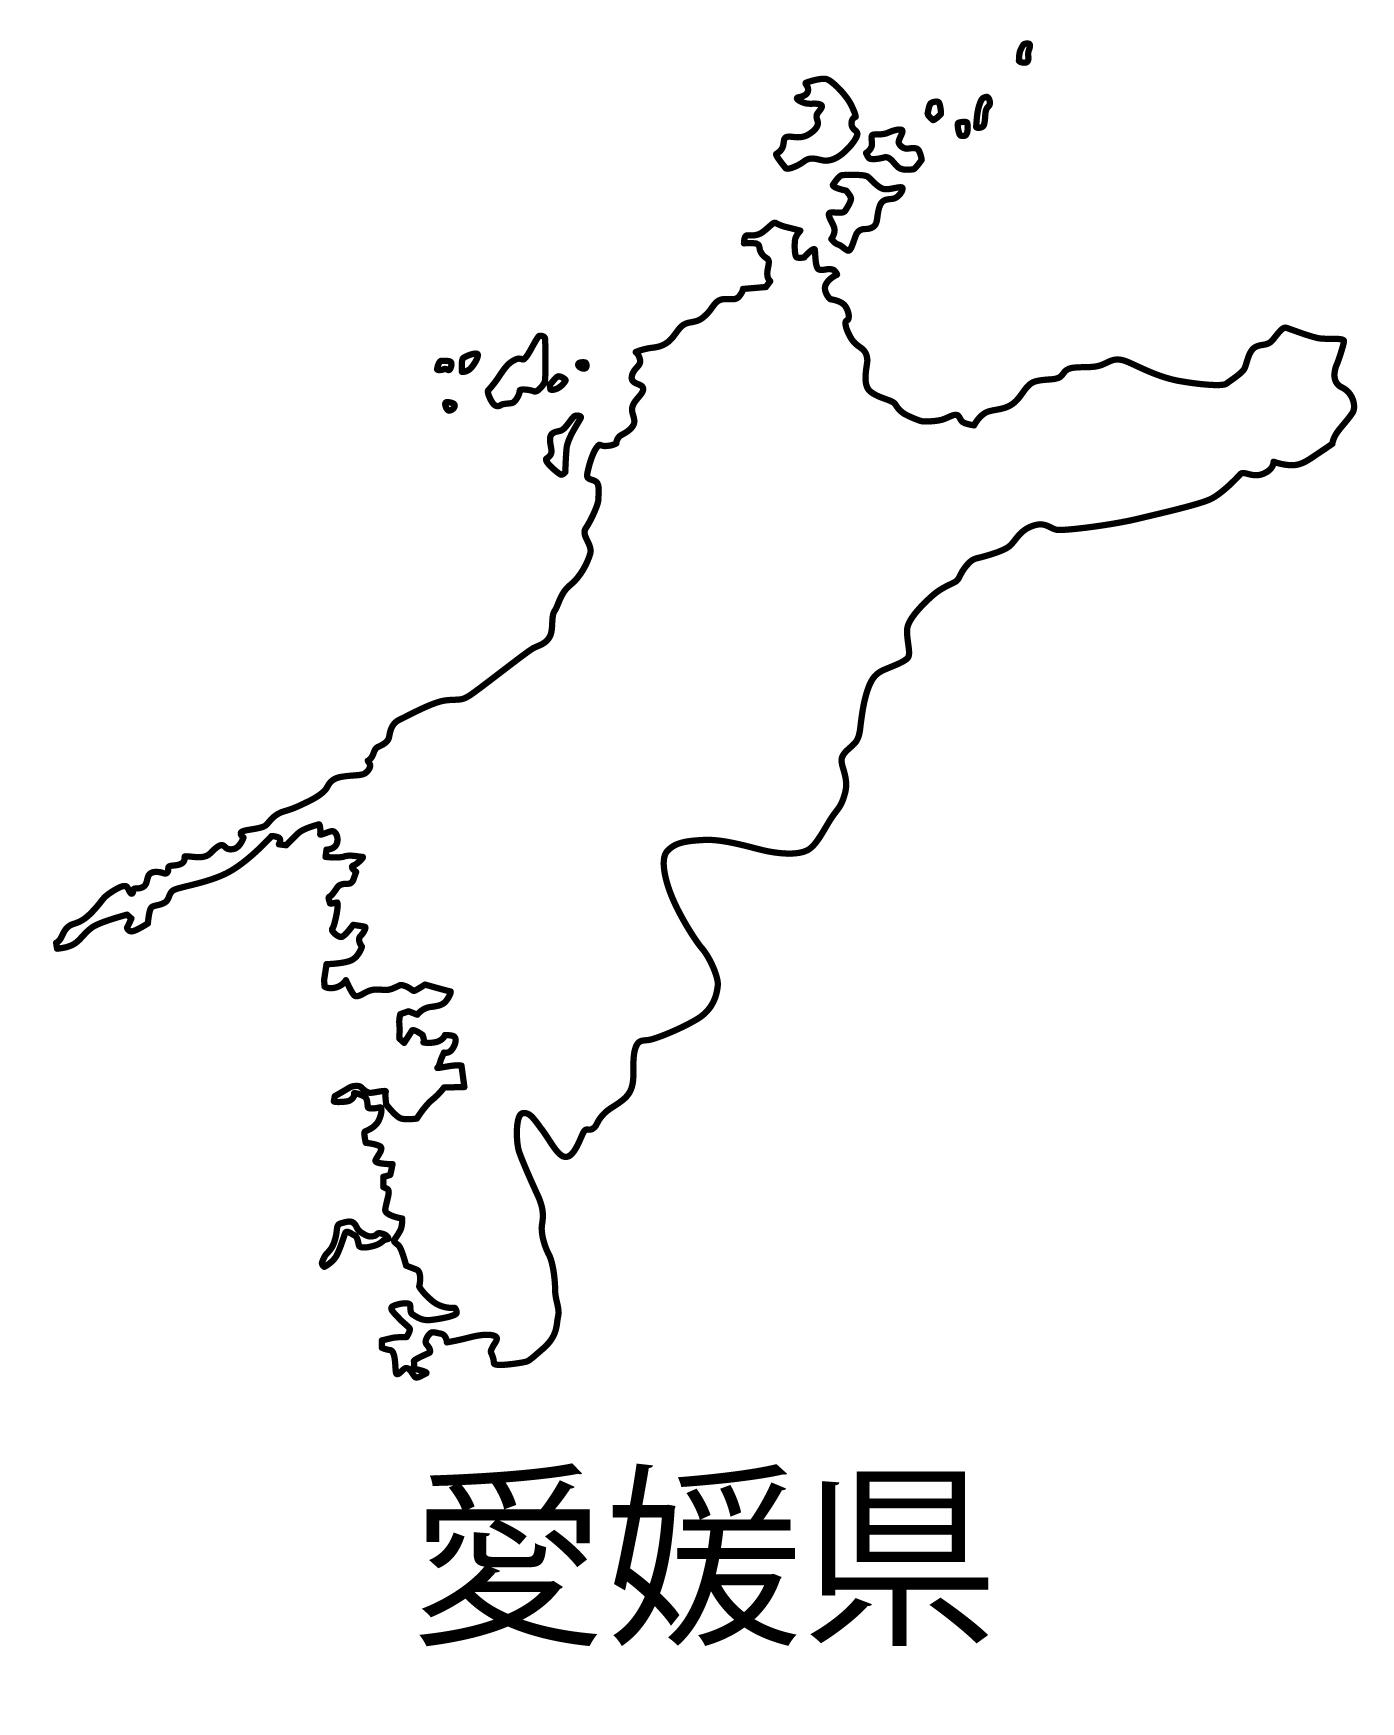 愛媛県無料フリーイラスト|日本語・都道府県名あり(白)